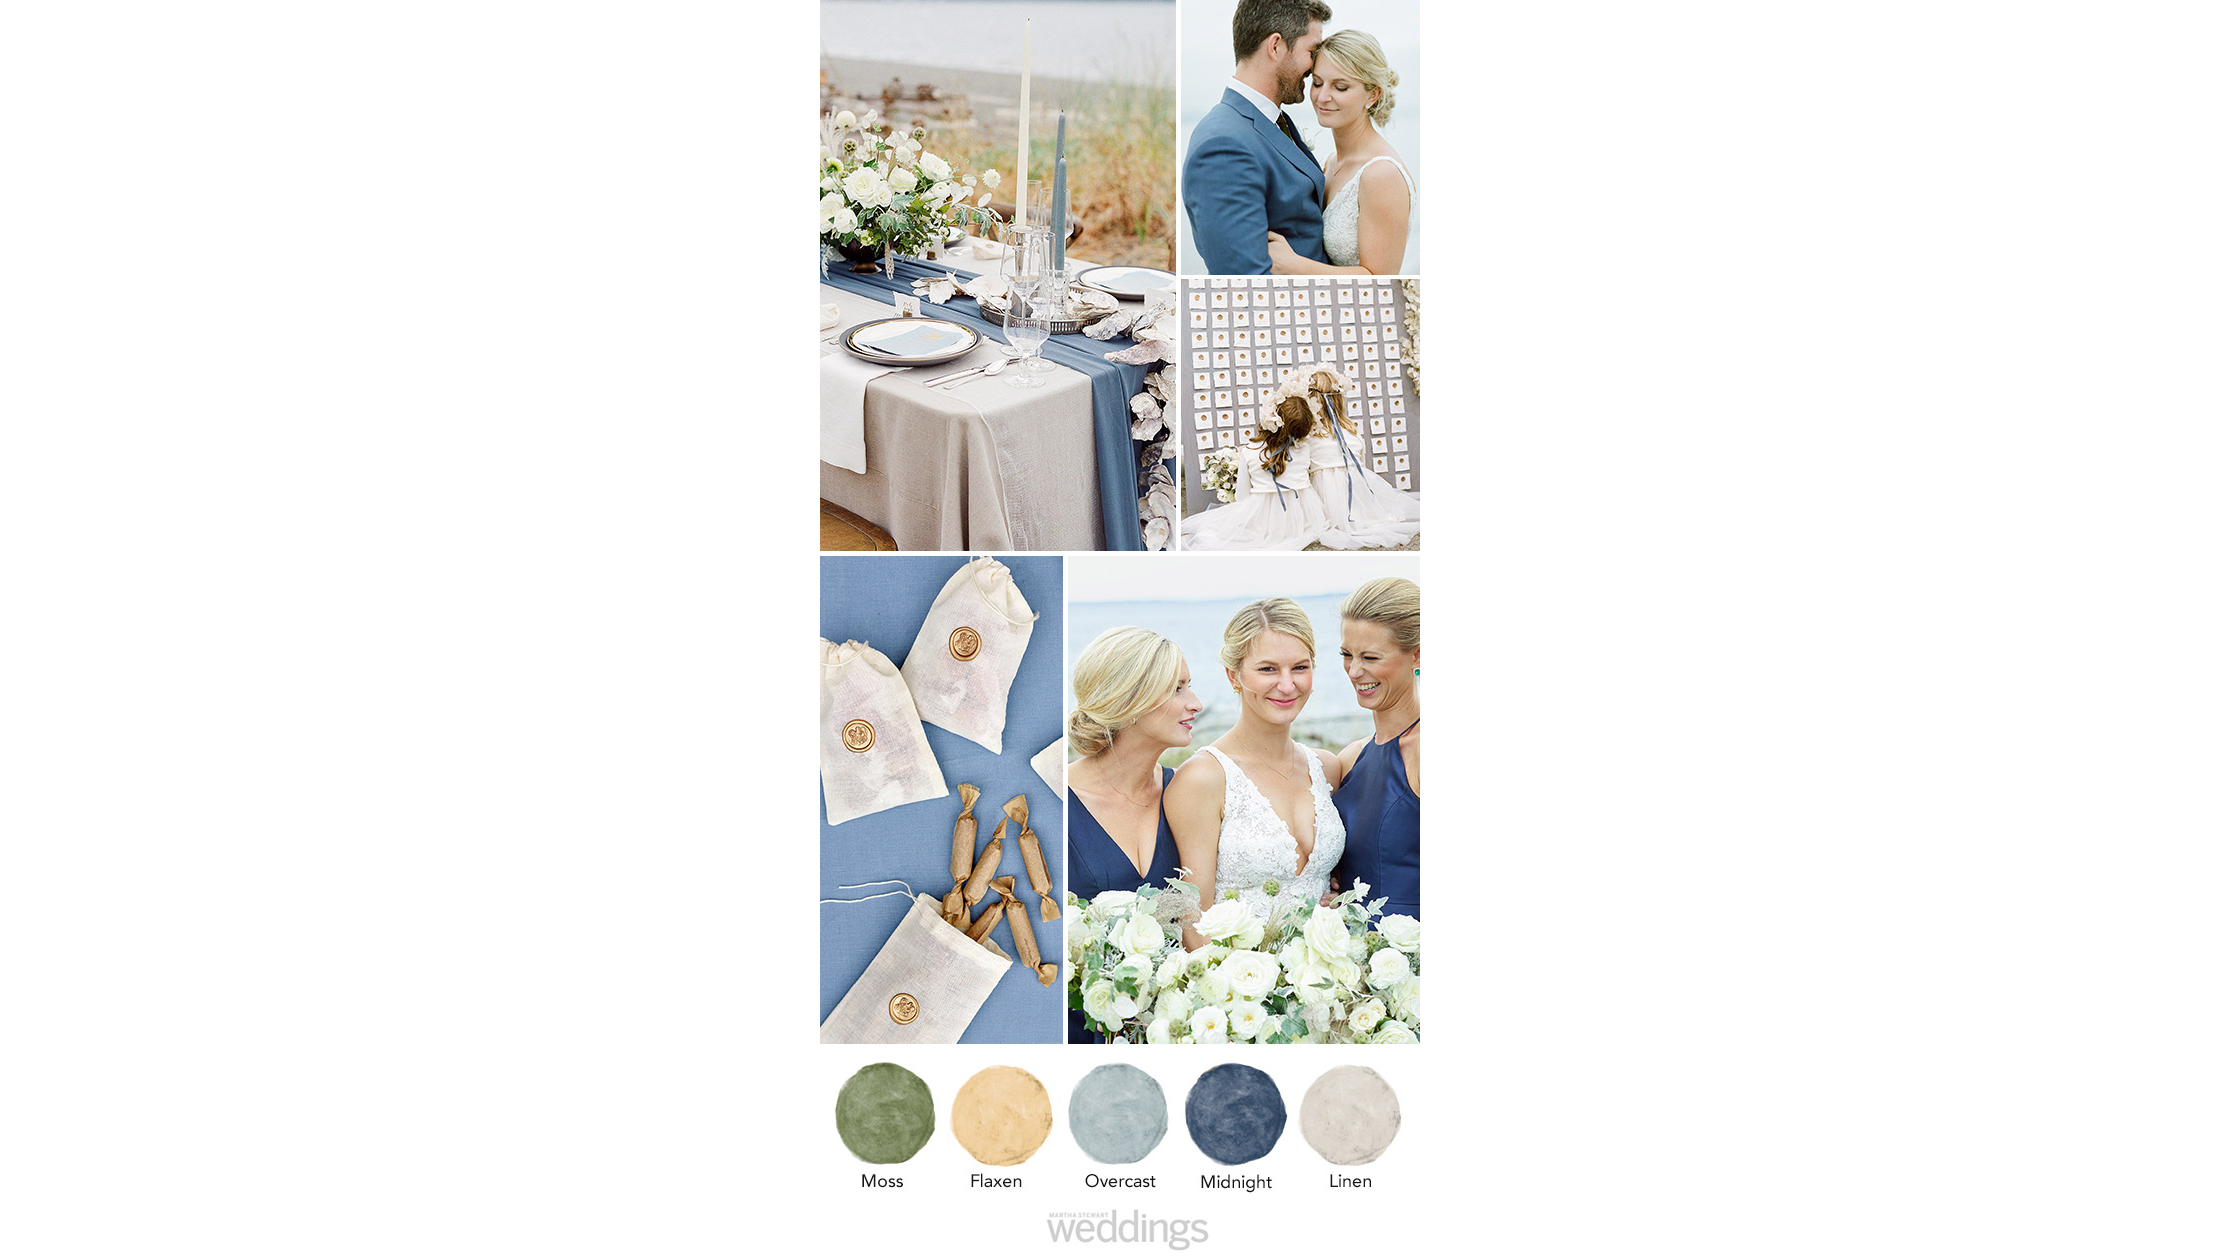 lake blue wedding color palette ideas